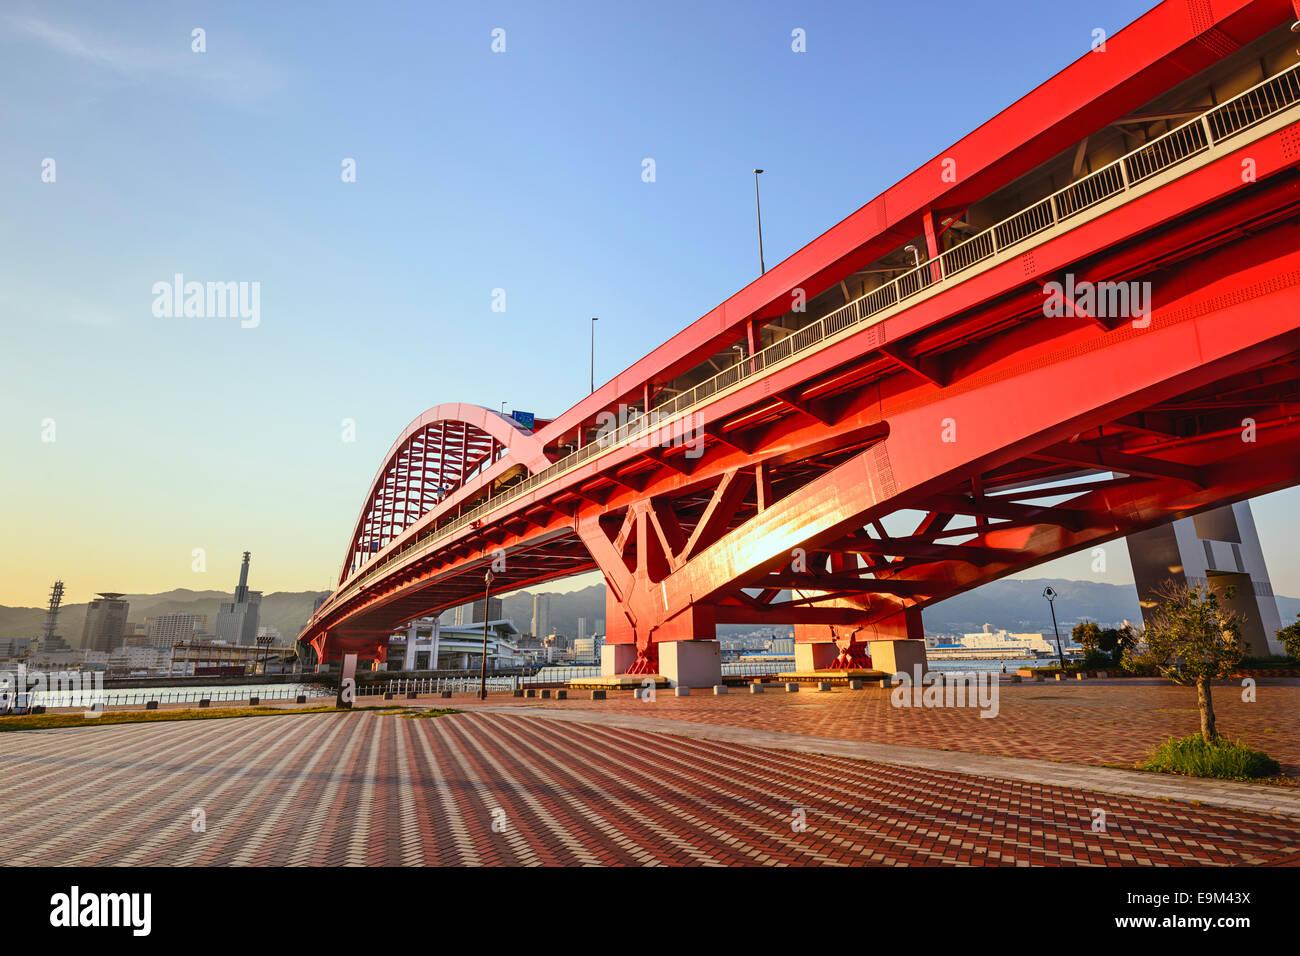 L'île de Port, Kobe, Japon. Photo Stock